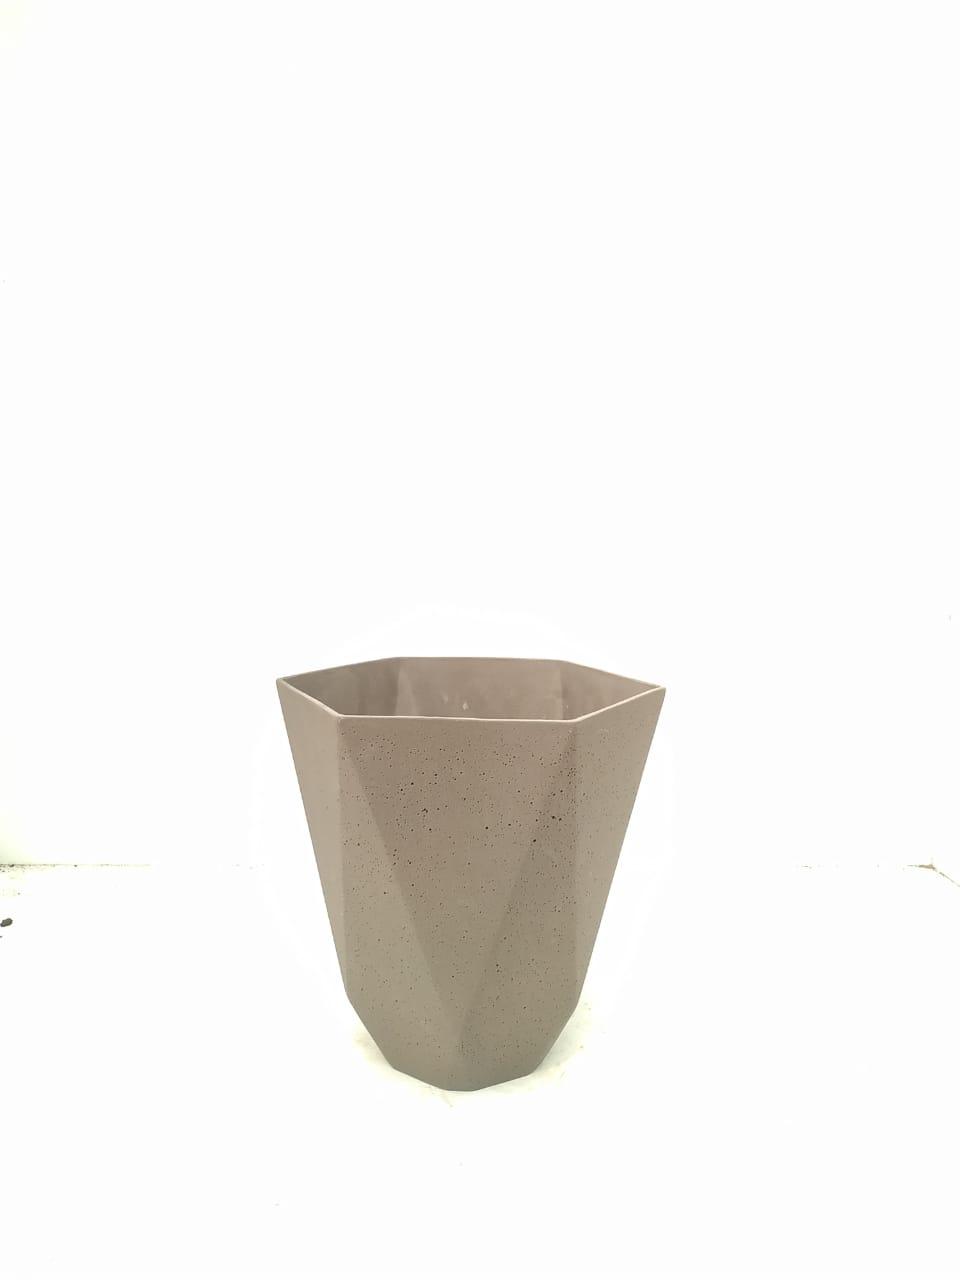 Sandstone Pot Hex Nat Brown Small Pots & Vases